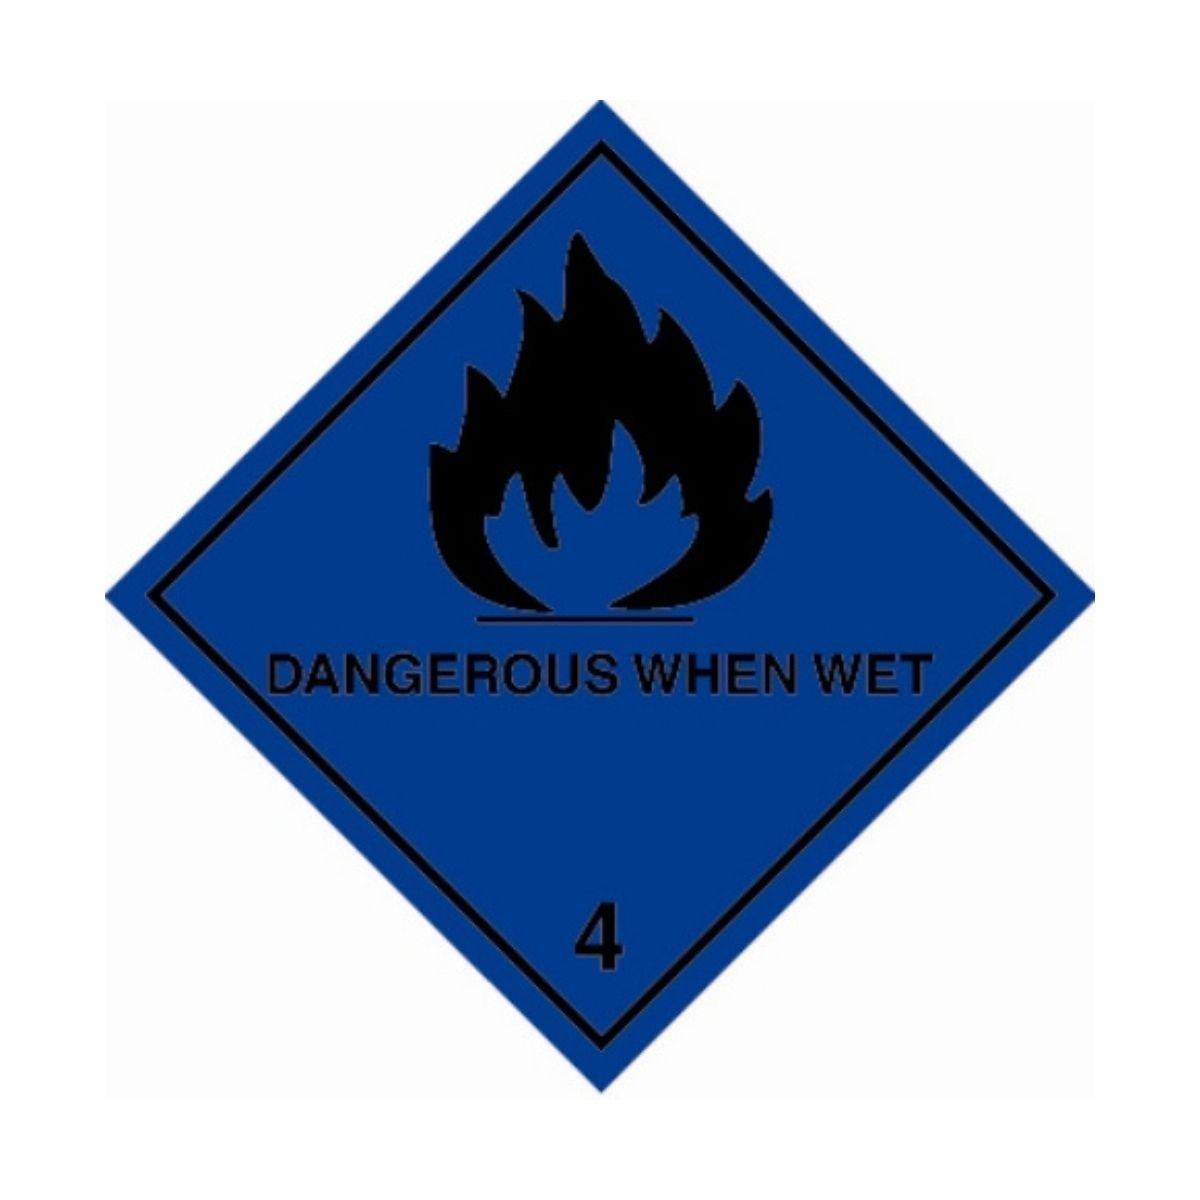 HD1412 UN Hazard Warning Diamond Class 4.3 Dangerous When Wet